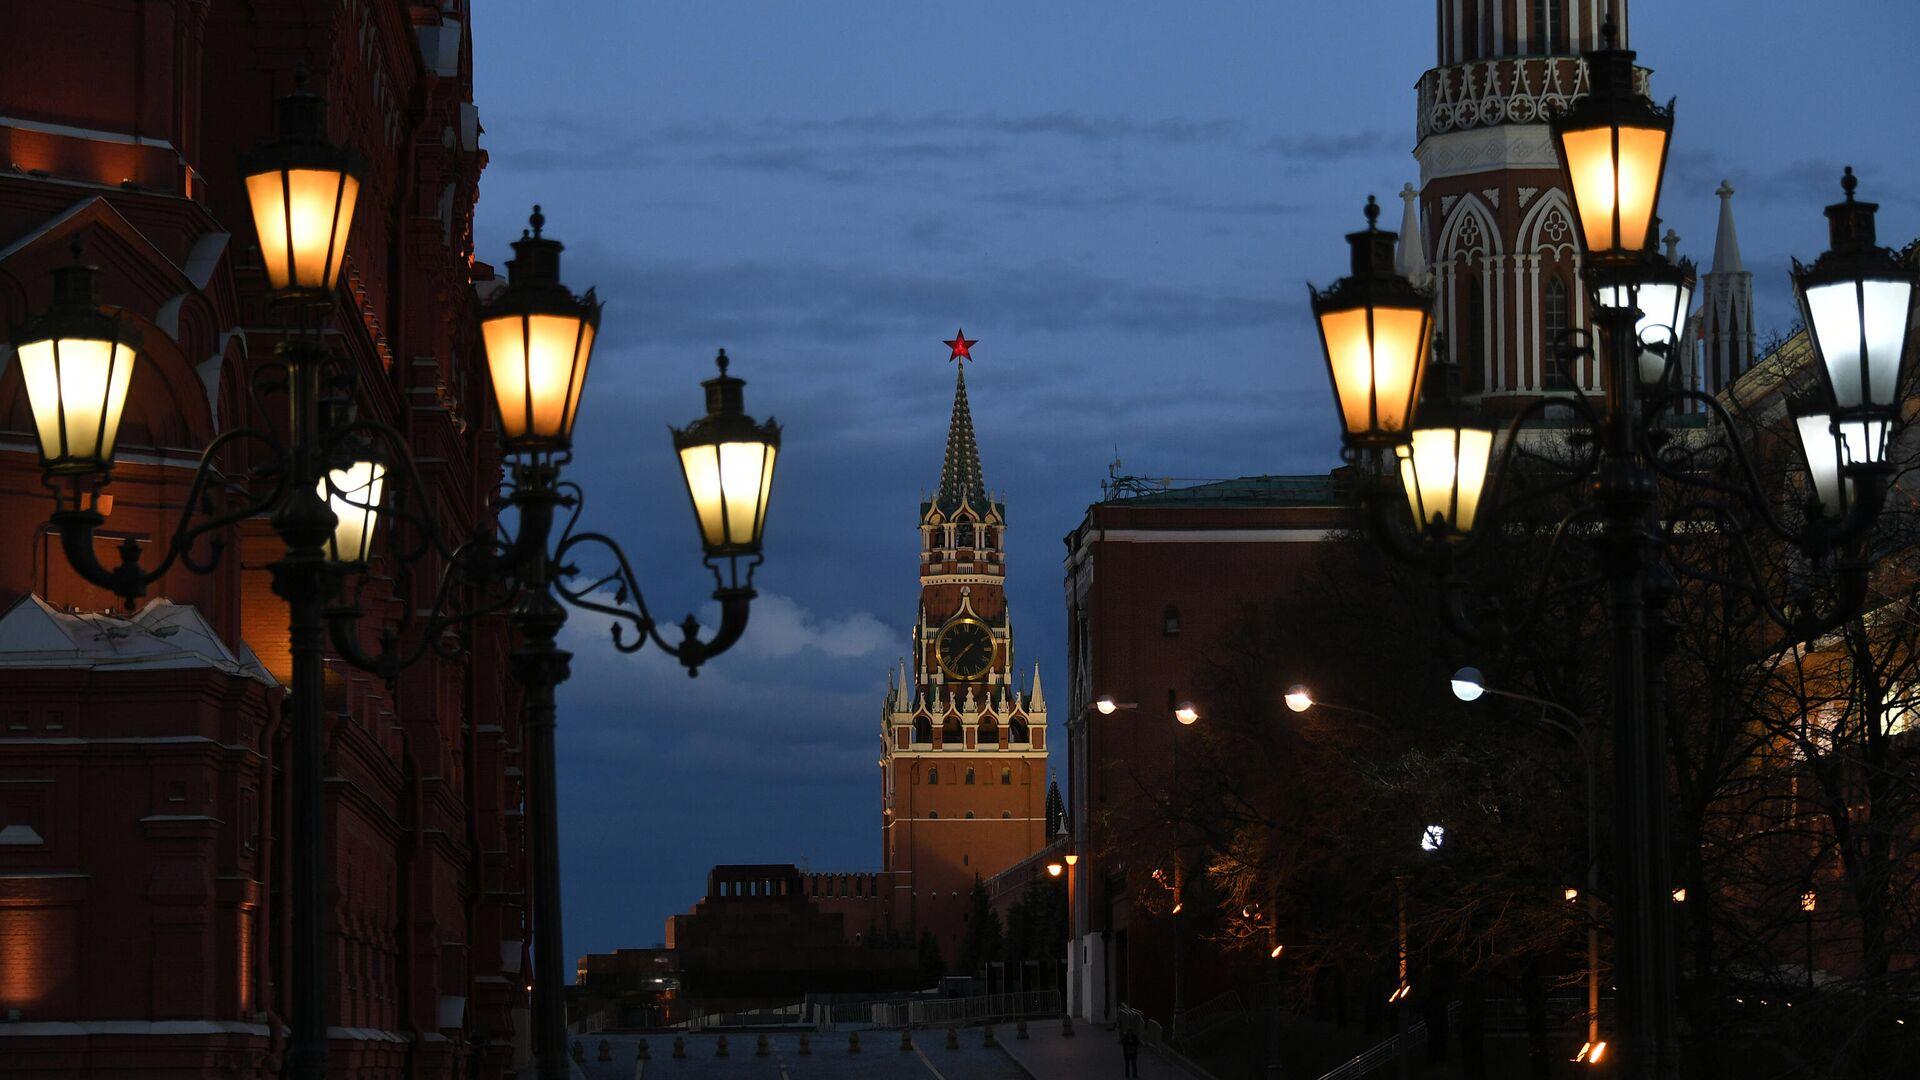 Фонари на Охотном ряду и Спасская башня Московского Кремля с вечерней подсветкой - РИА Новости, 1920, 07.09.2021